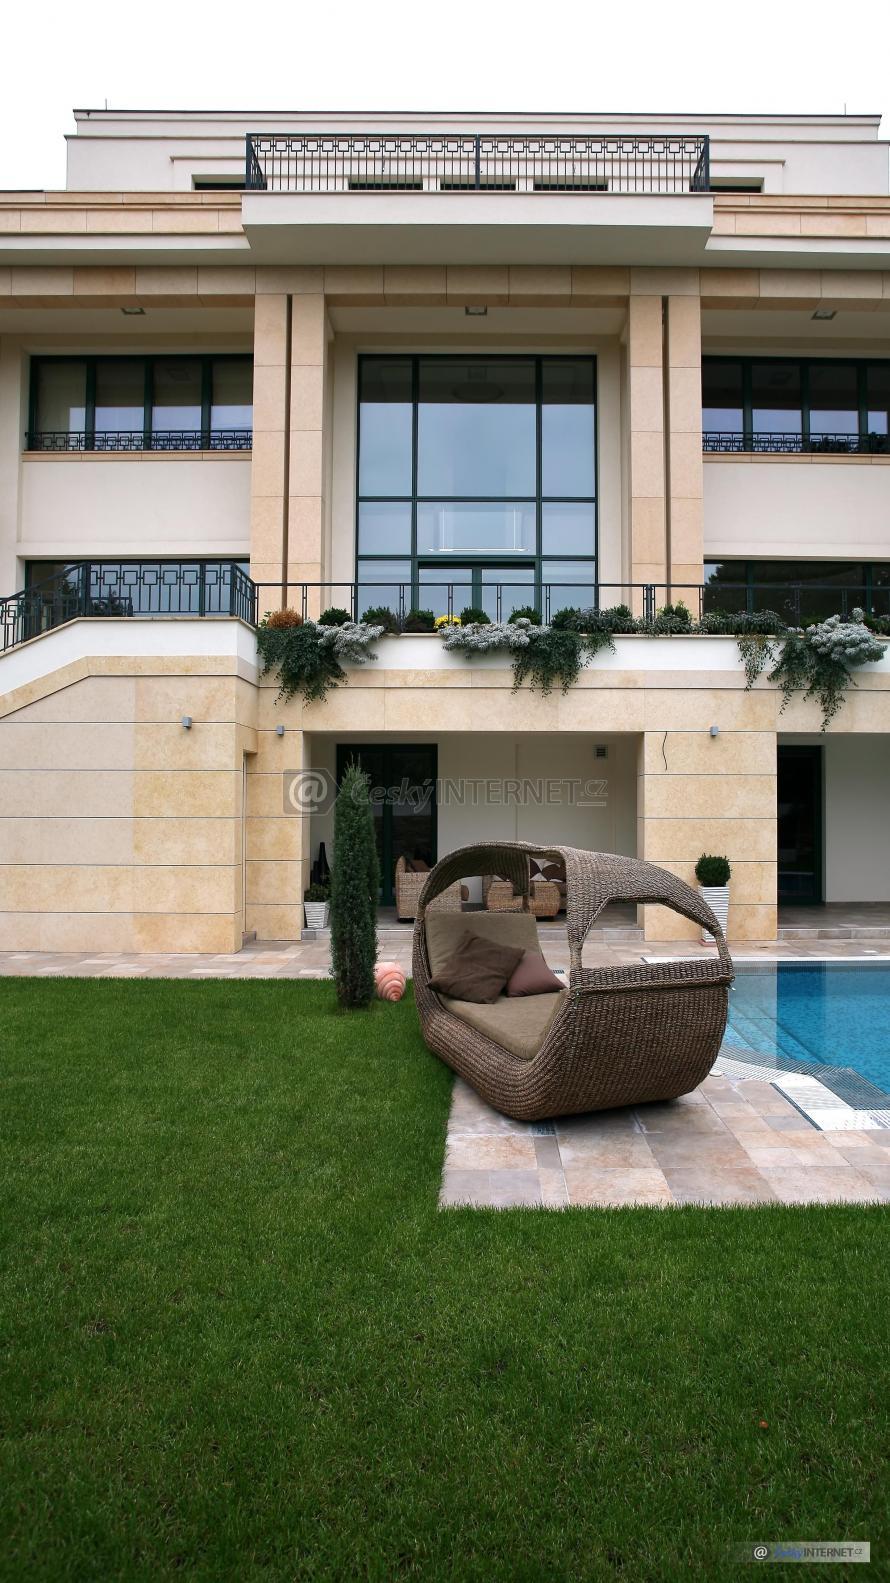 Moderní architektura, vila s bazénem.